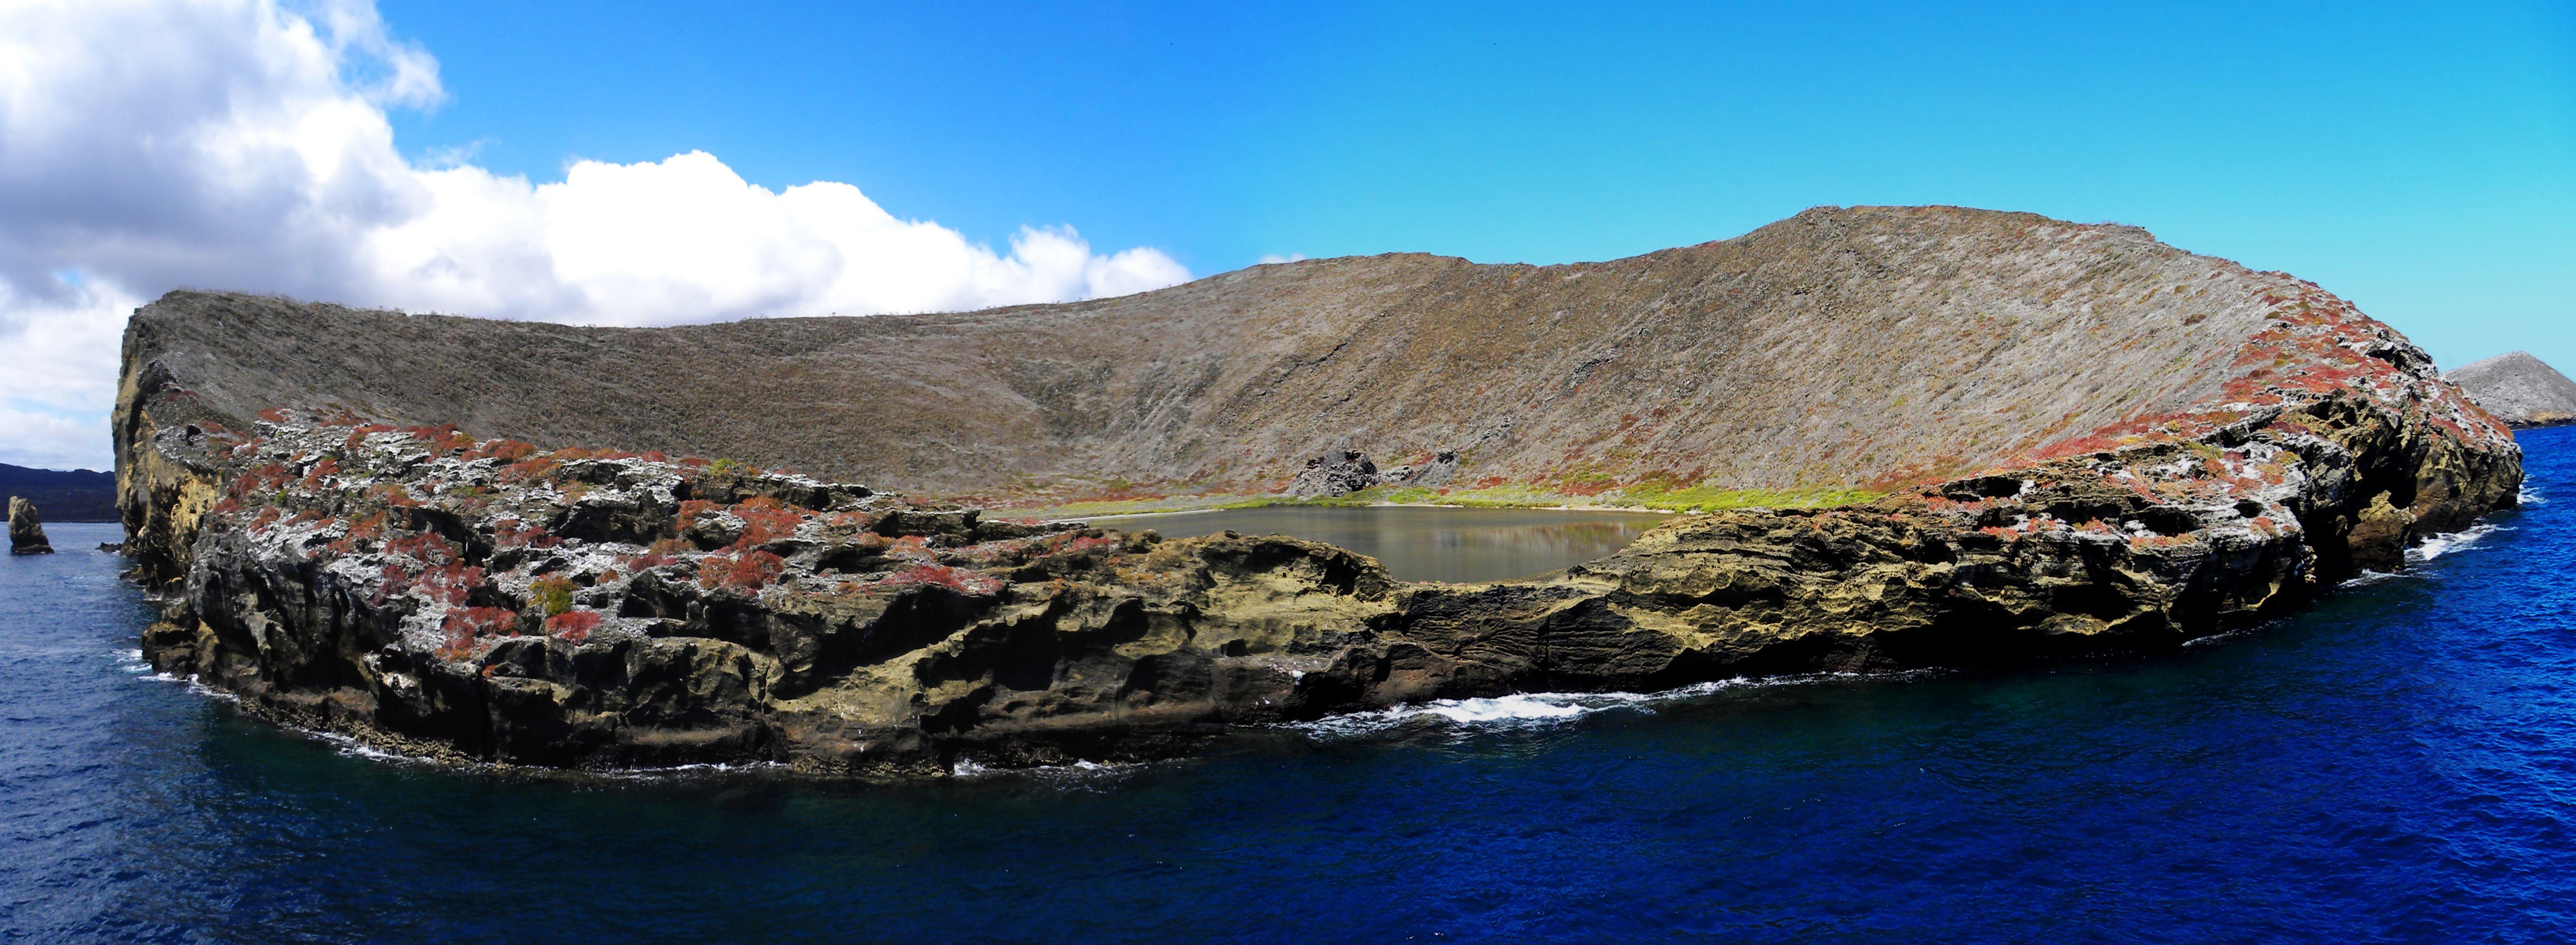 Rocas Bainbridge en Islas Galápagos, Ecuador. Una roca solitaria en medio del océano, posee una laguna de agua salada en su interior.